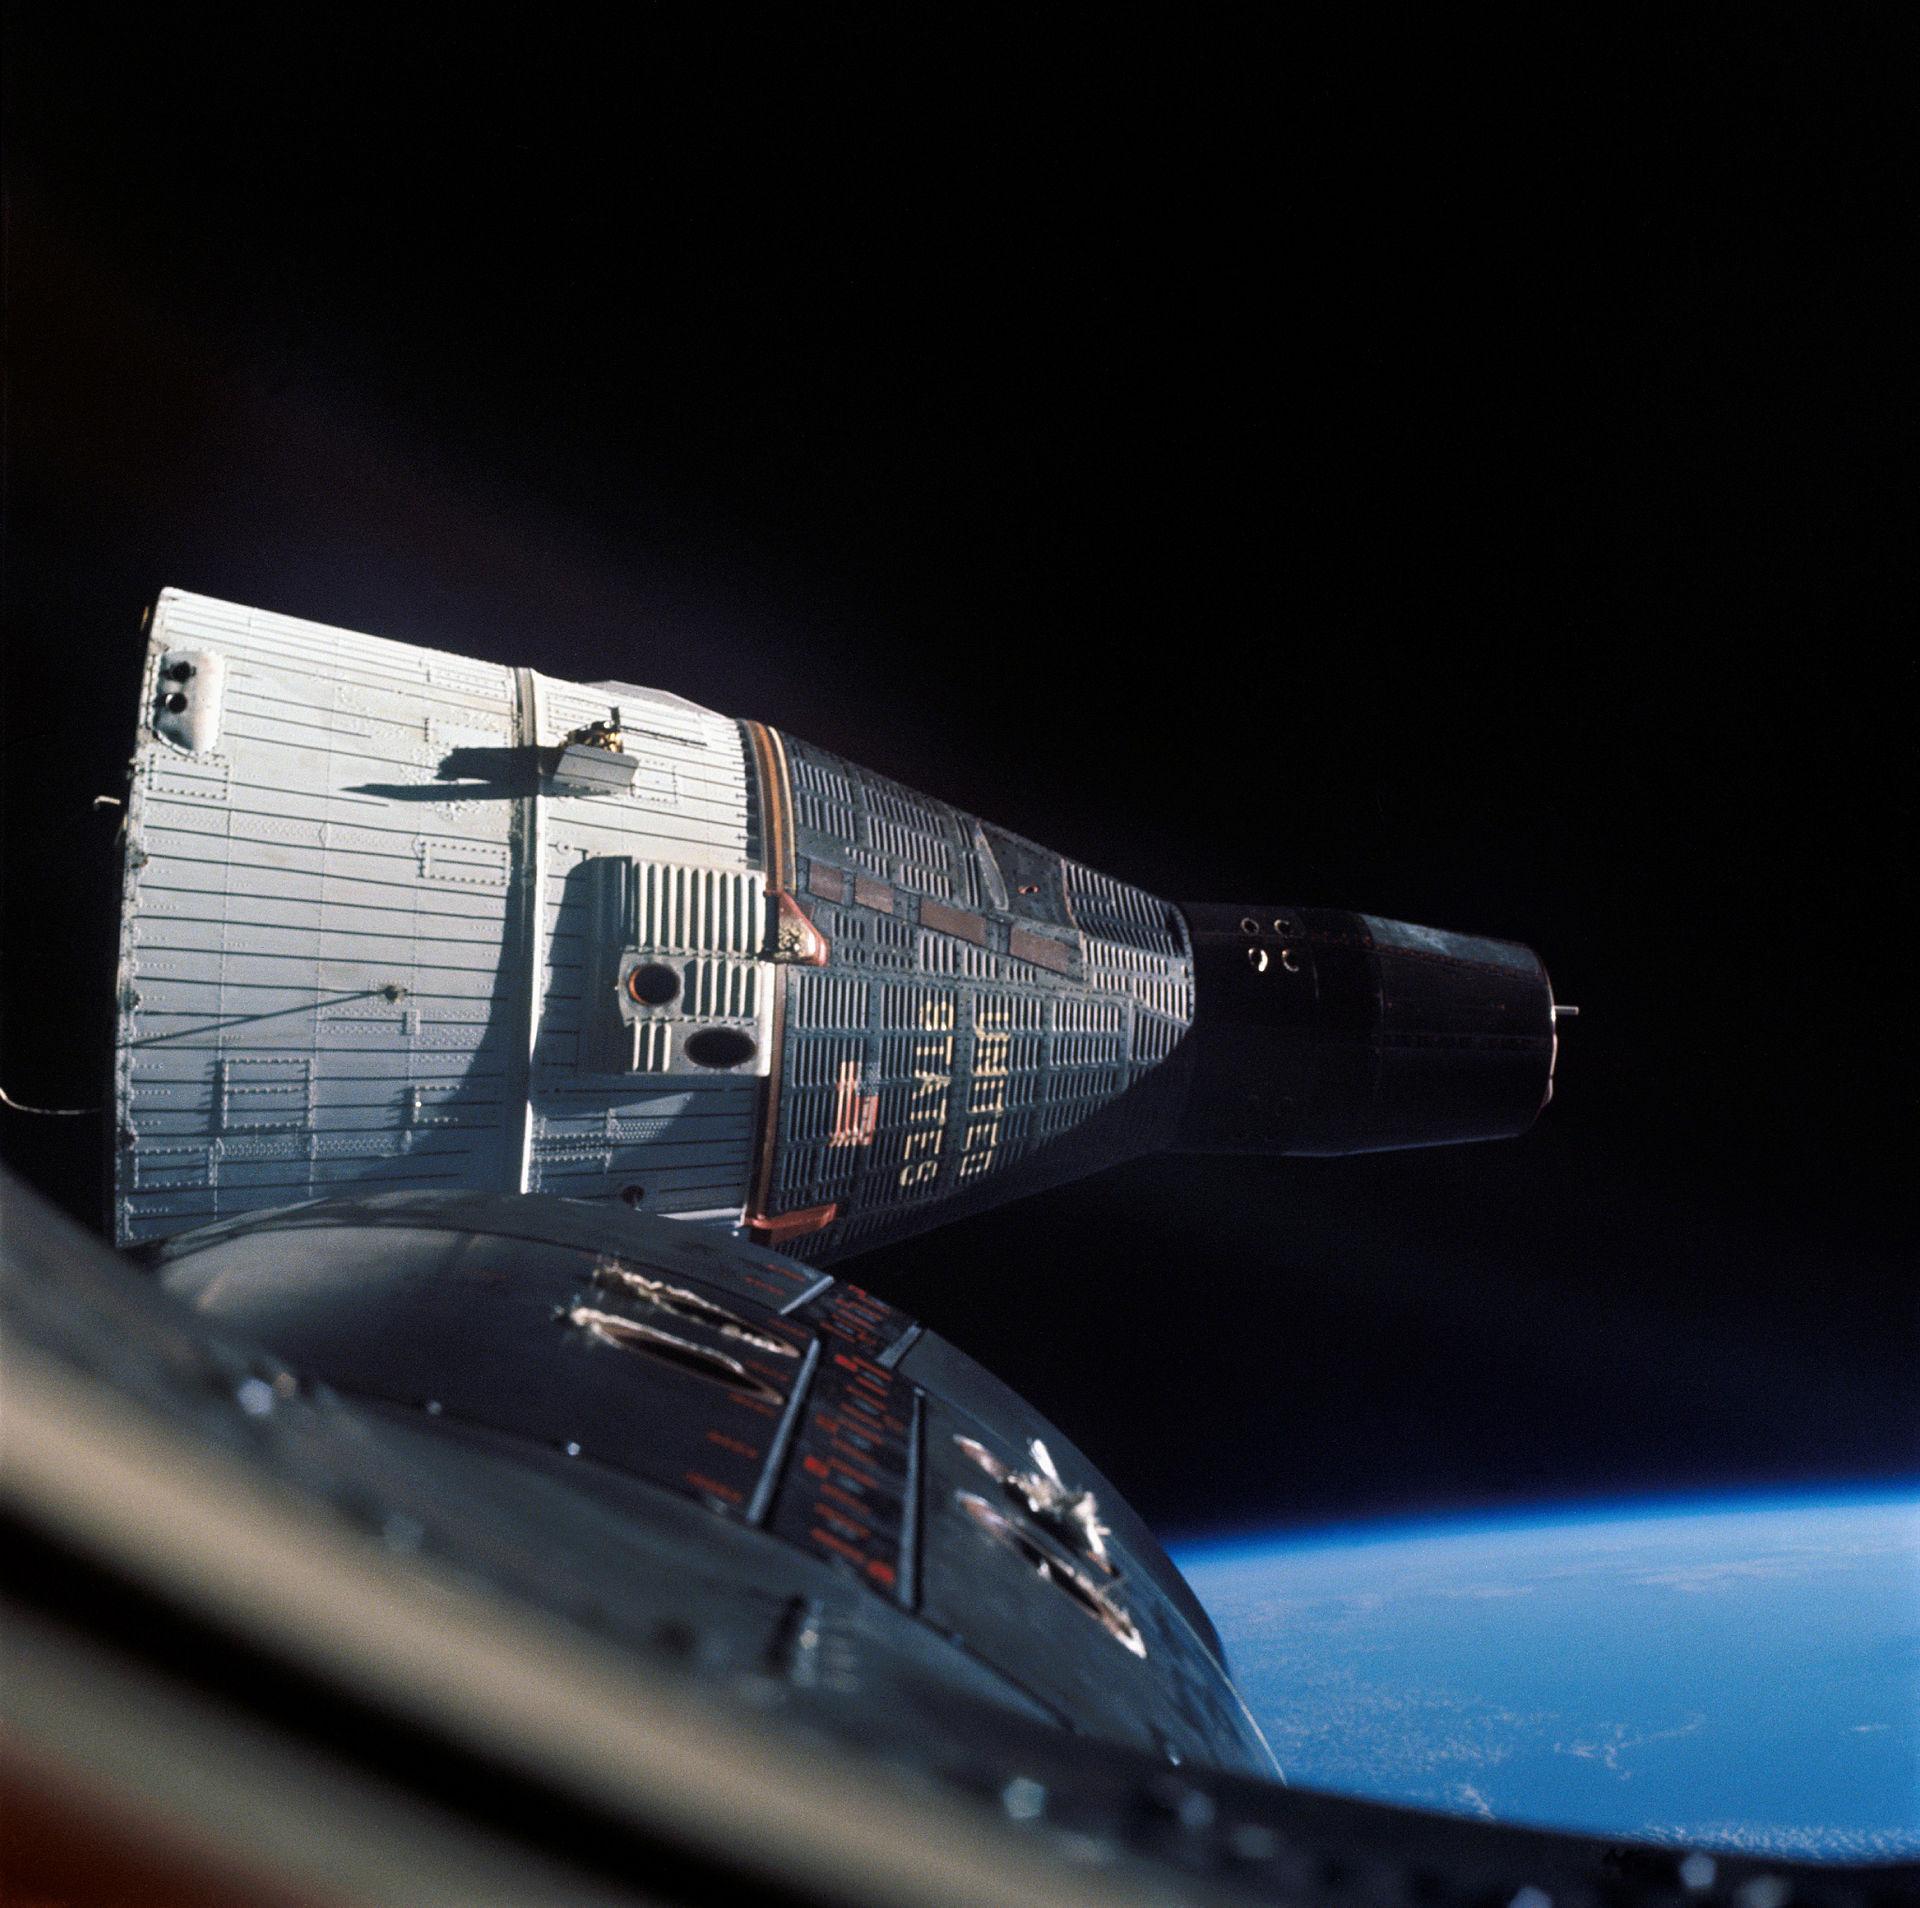 space shuttle longest mission - photo #6